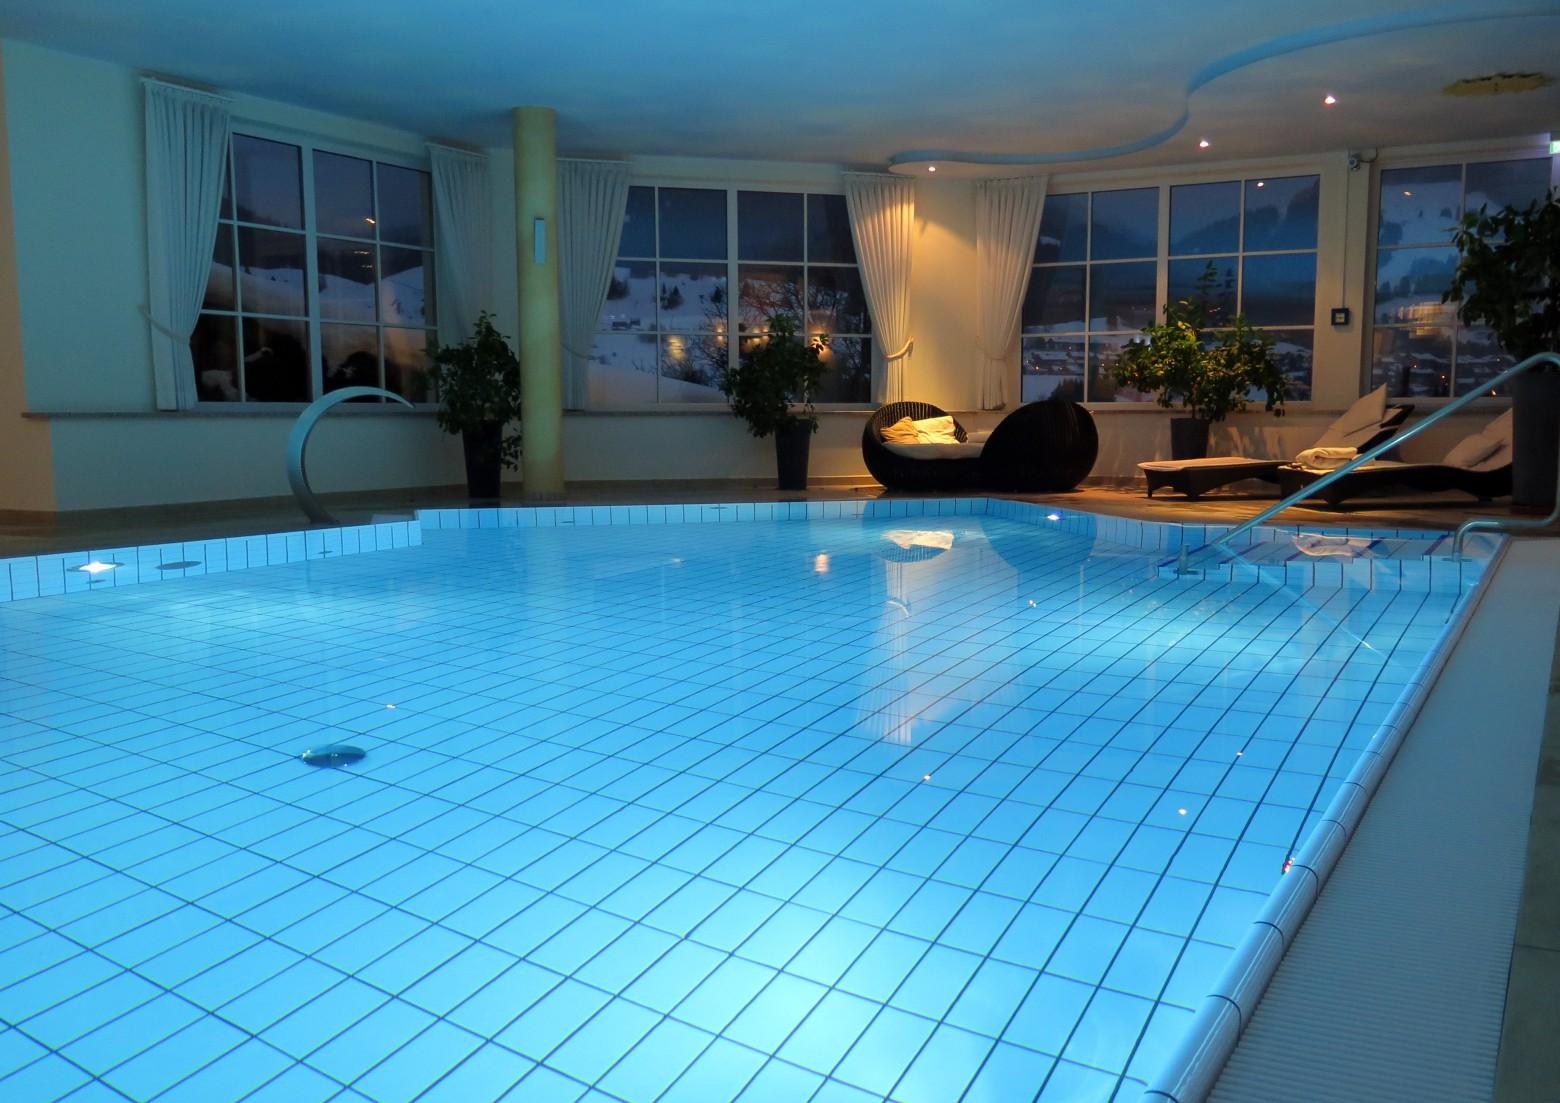 maison moderne design intérieur luxe piscine images photos gratuites ...